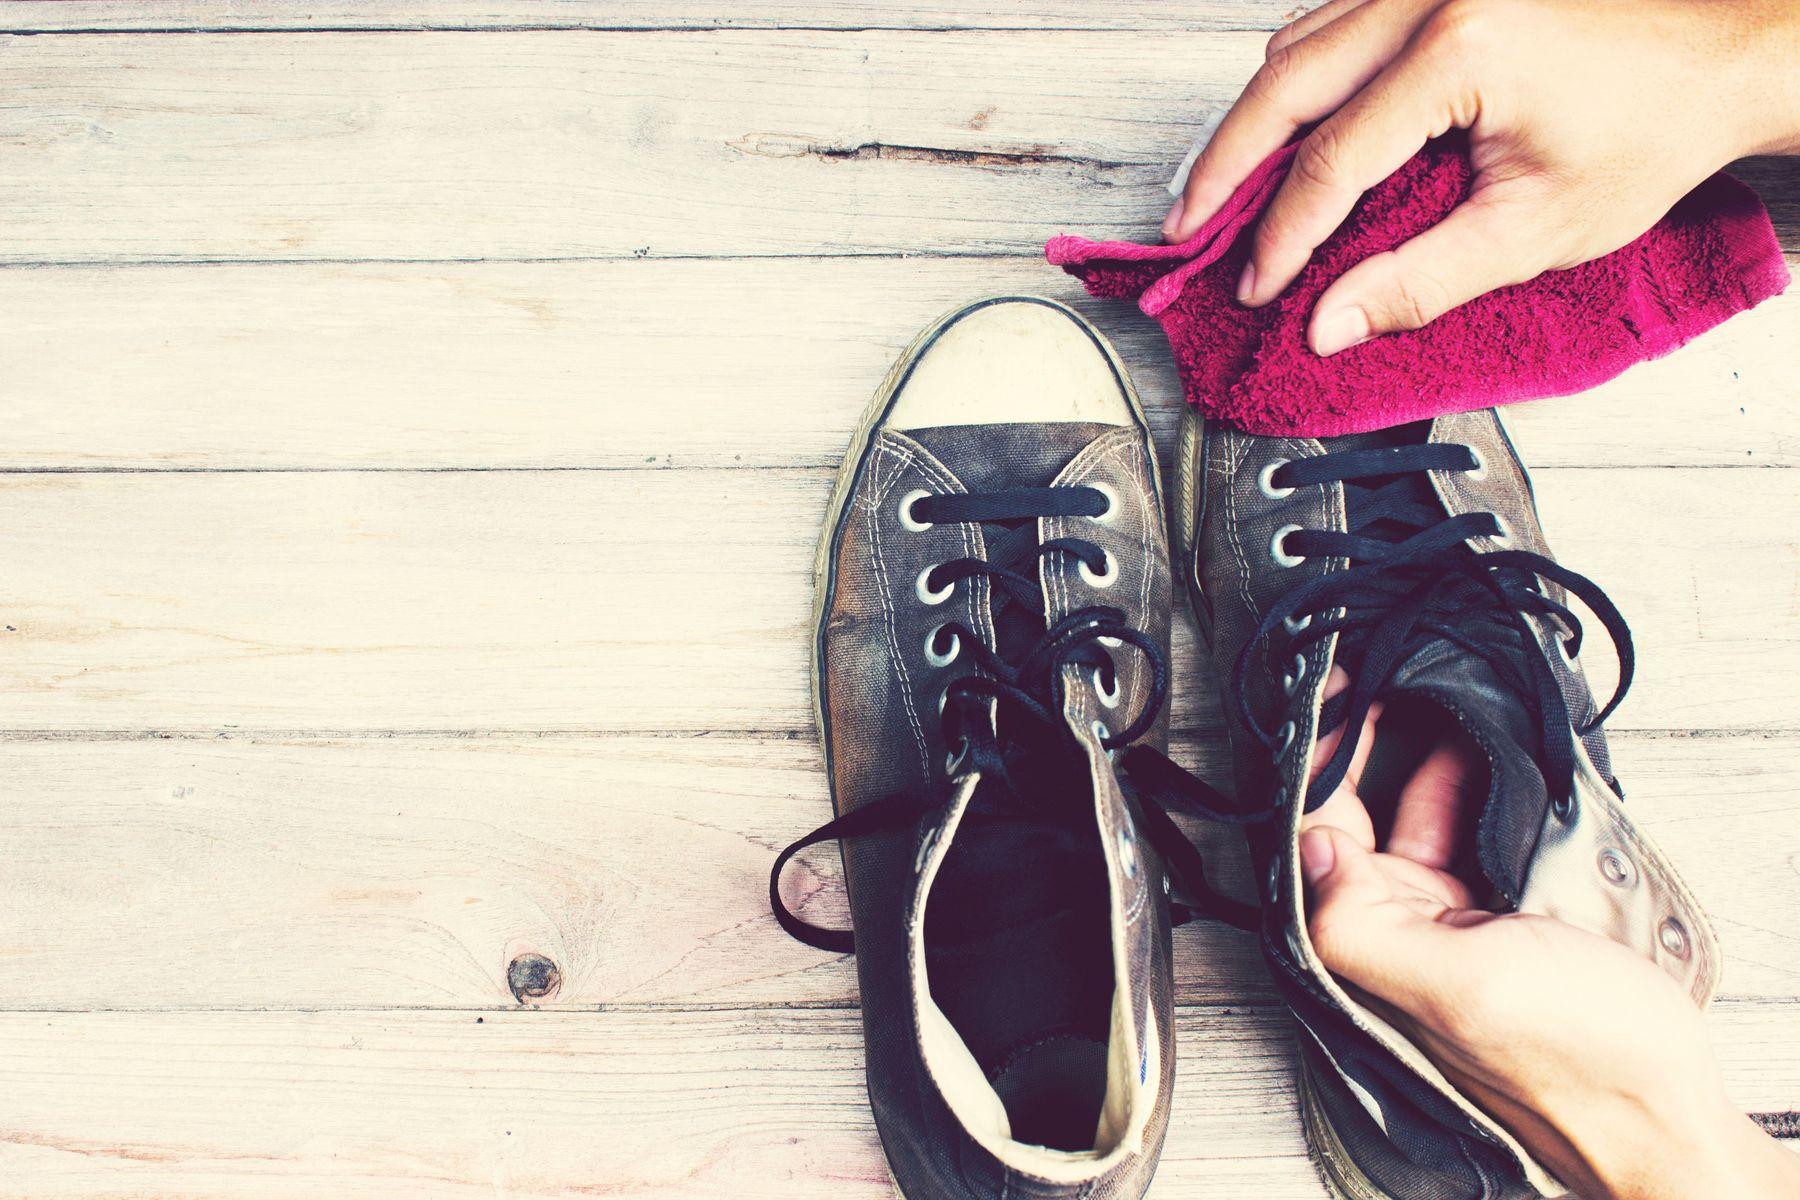 Cách giặt giày thể thao với dầu gội nhẹ